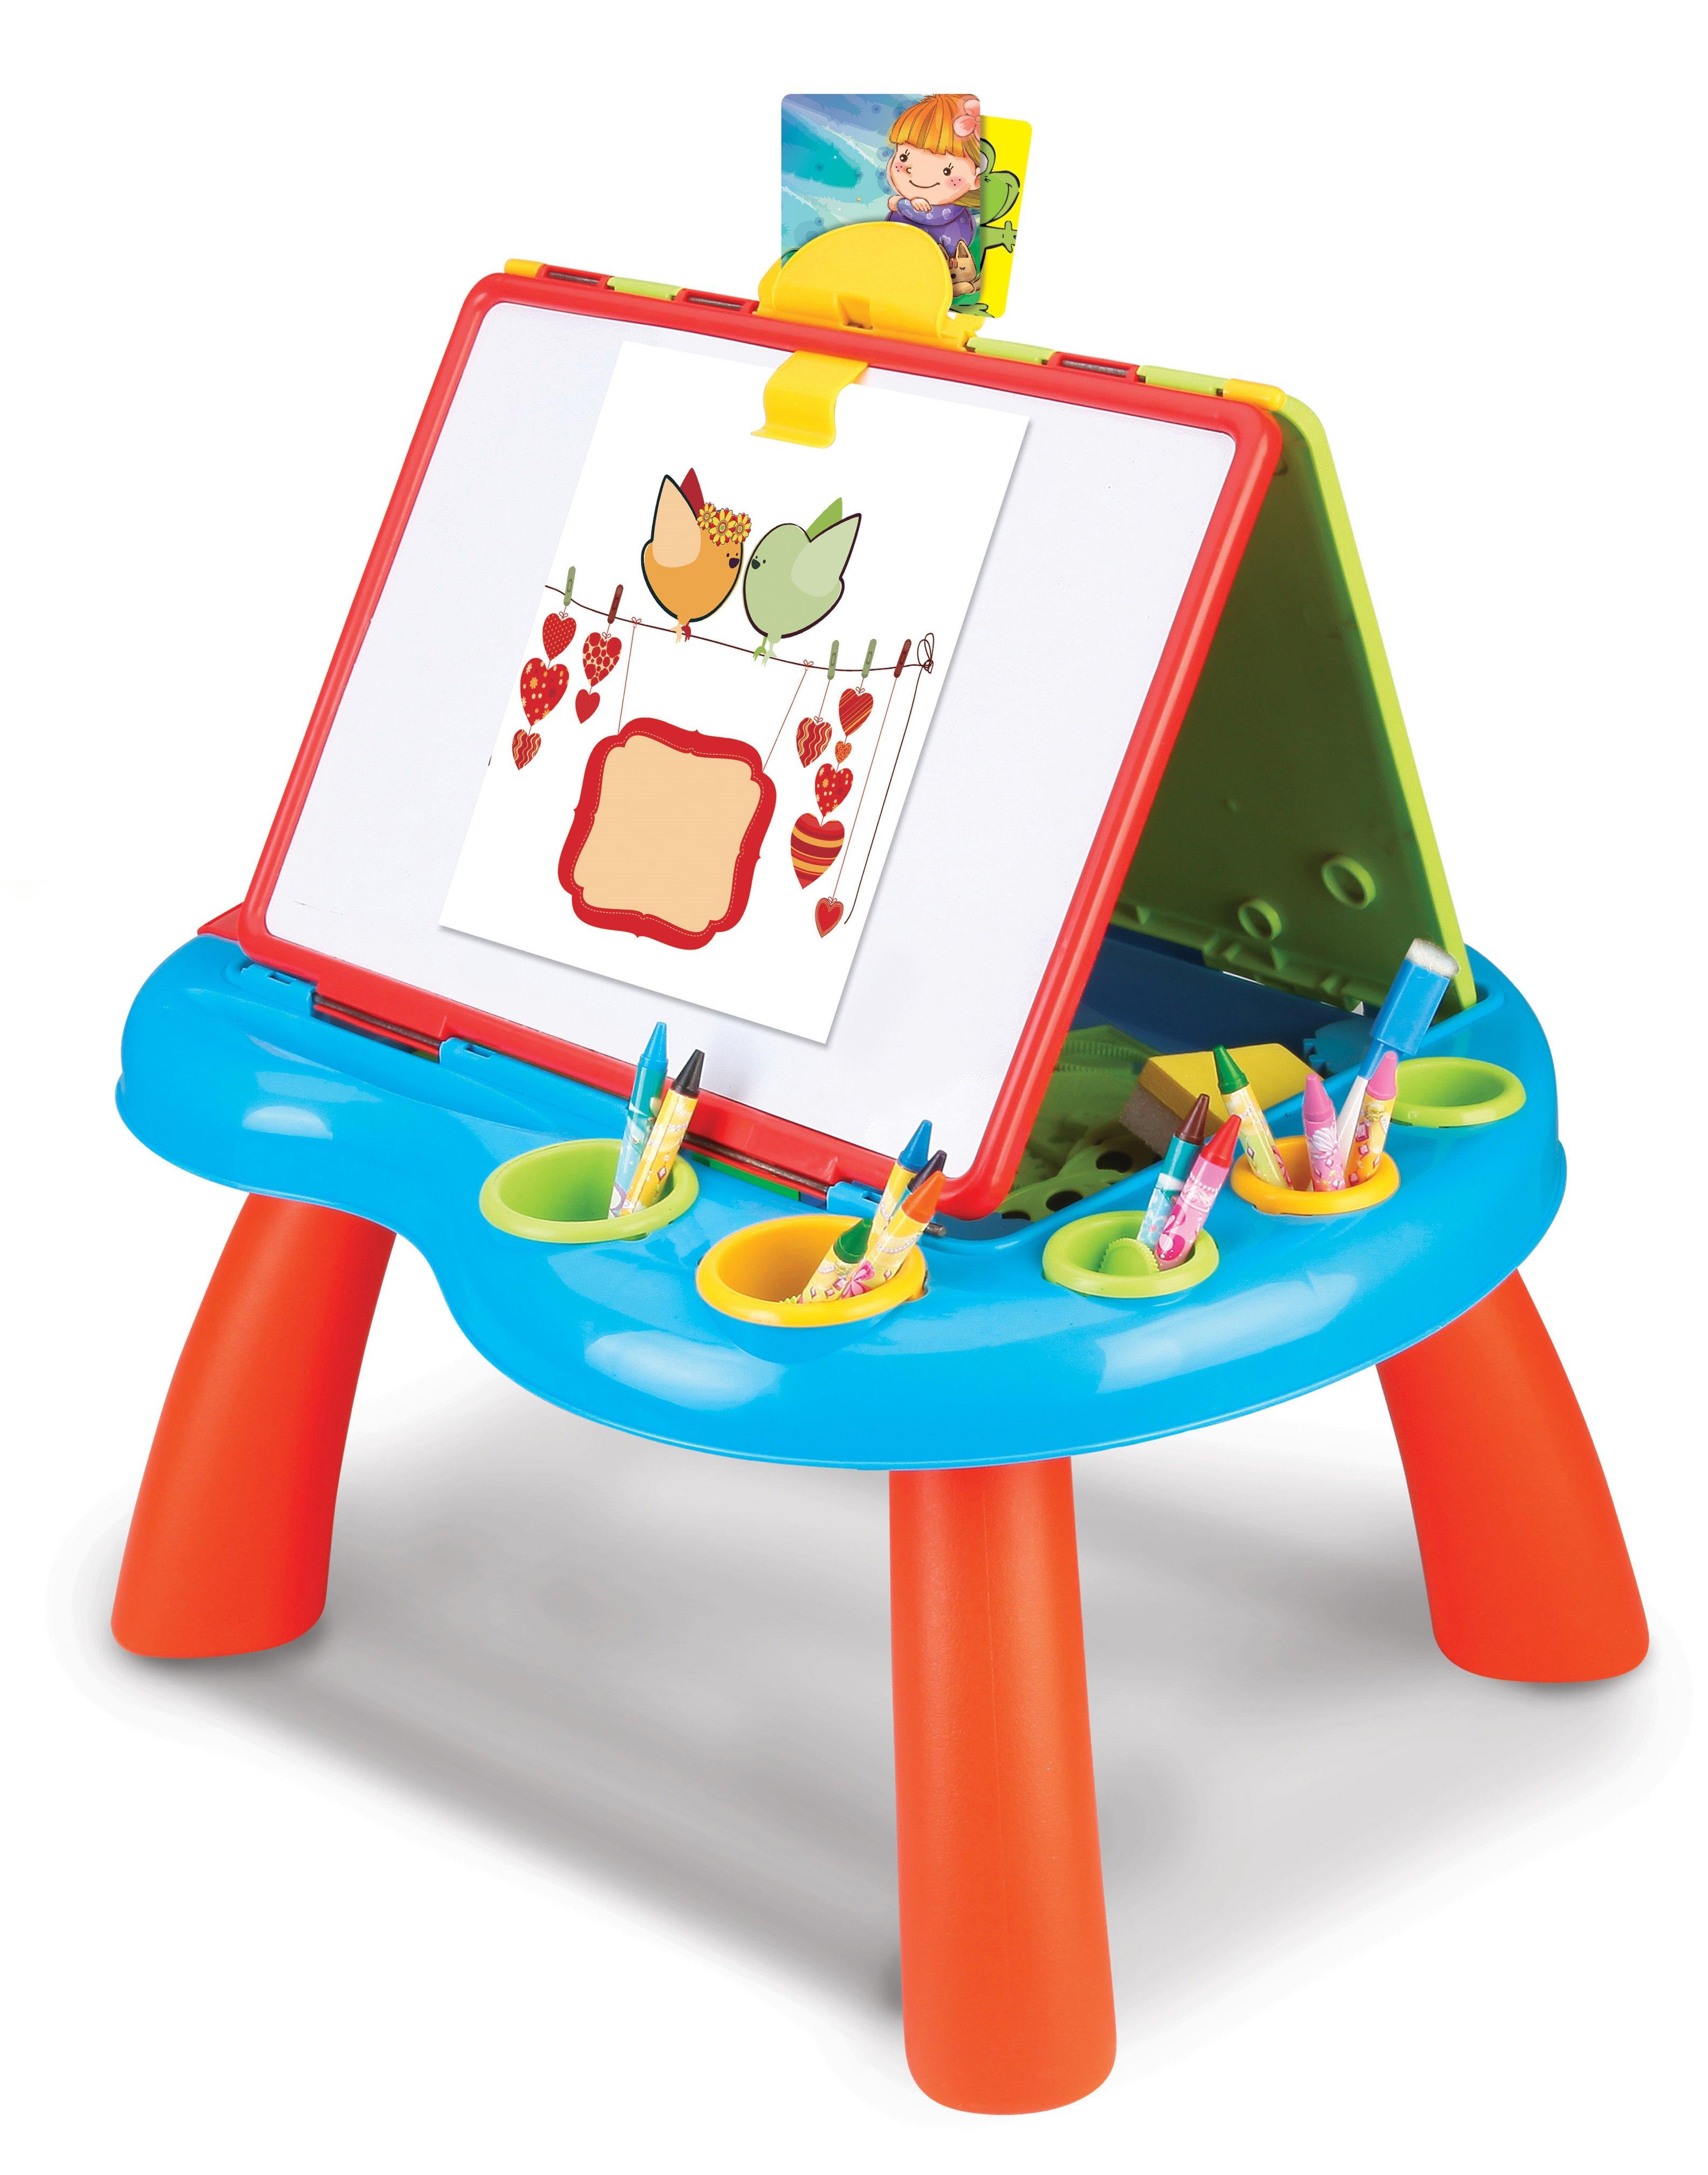 Hračka G21 Kreslicí tabulka na nožičkách oboustranná; 628-28